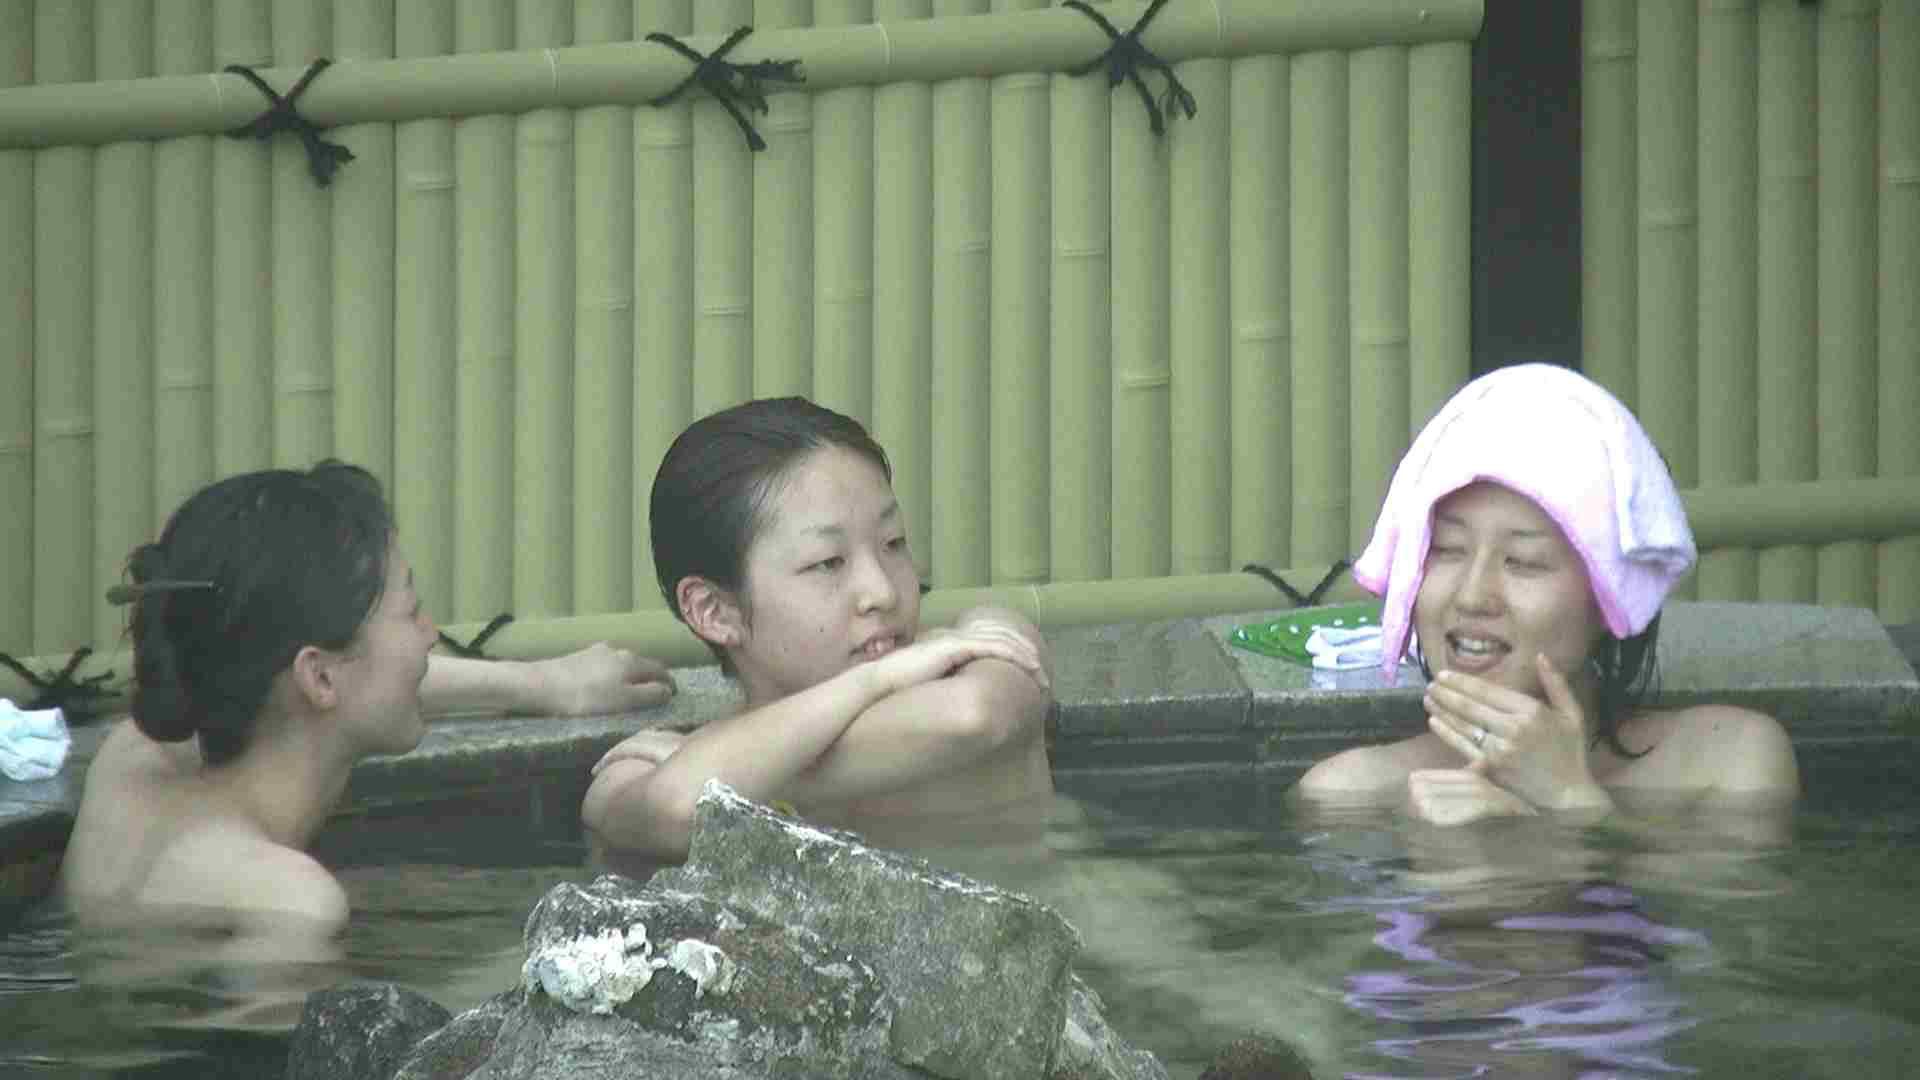 Aquaな露天風呂Vol.195 盗撮 | 露天  71画像 40